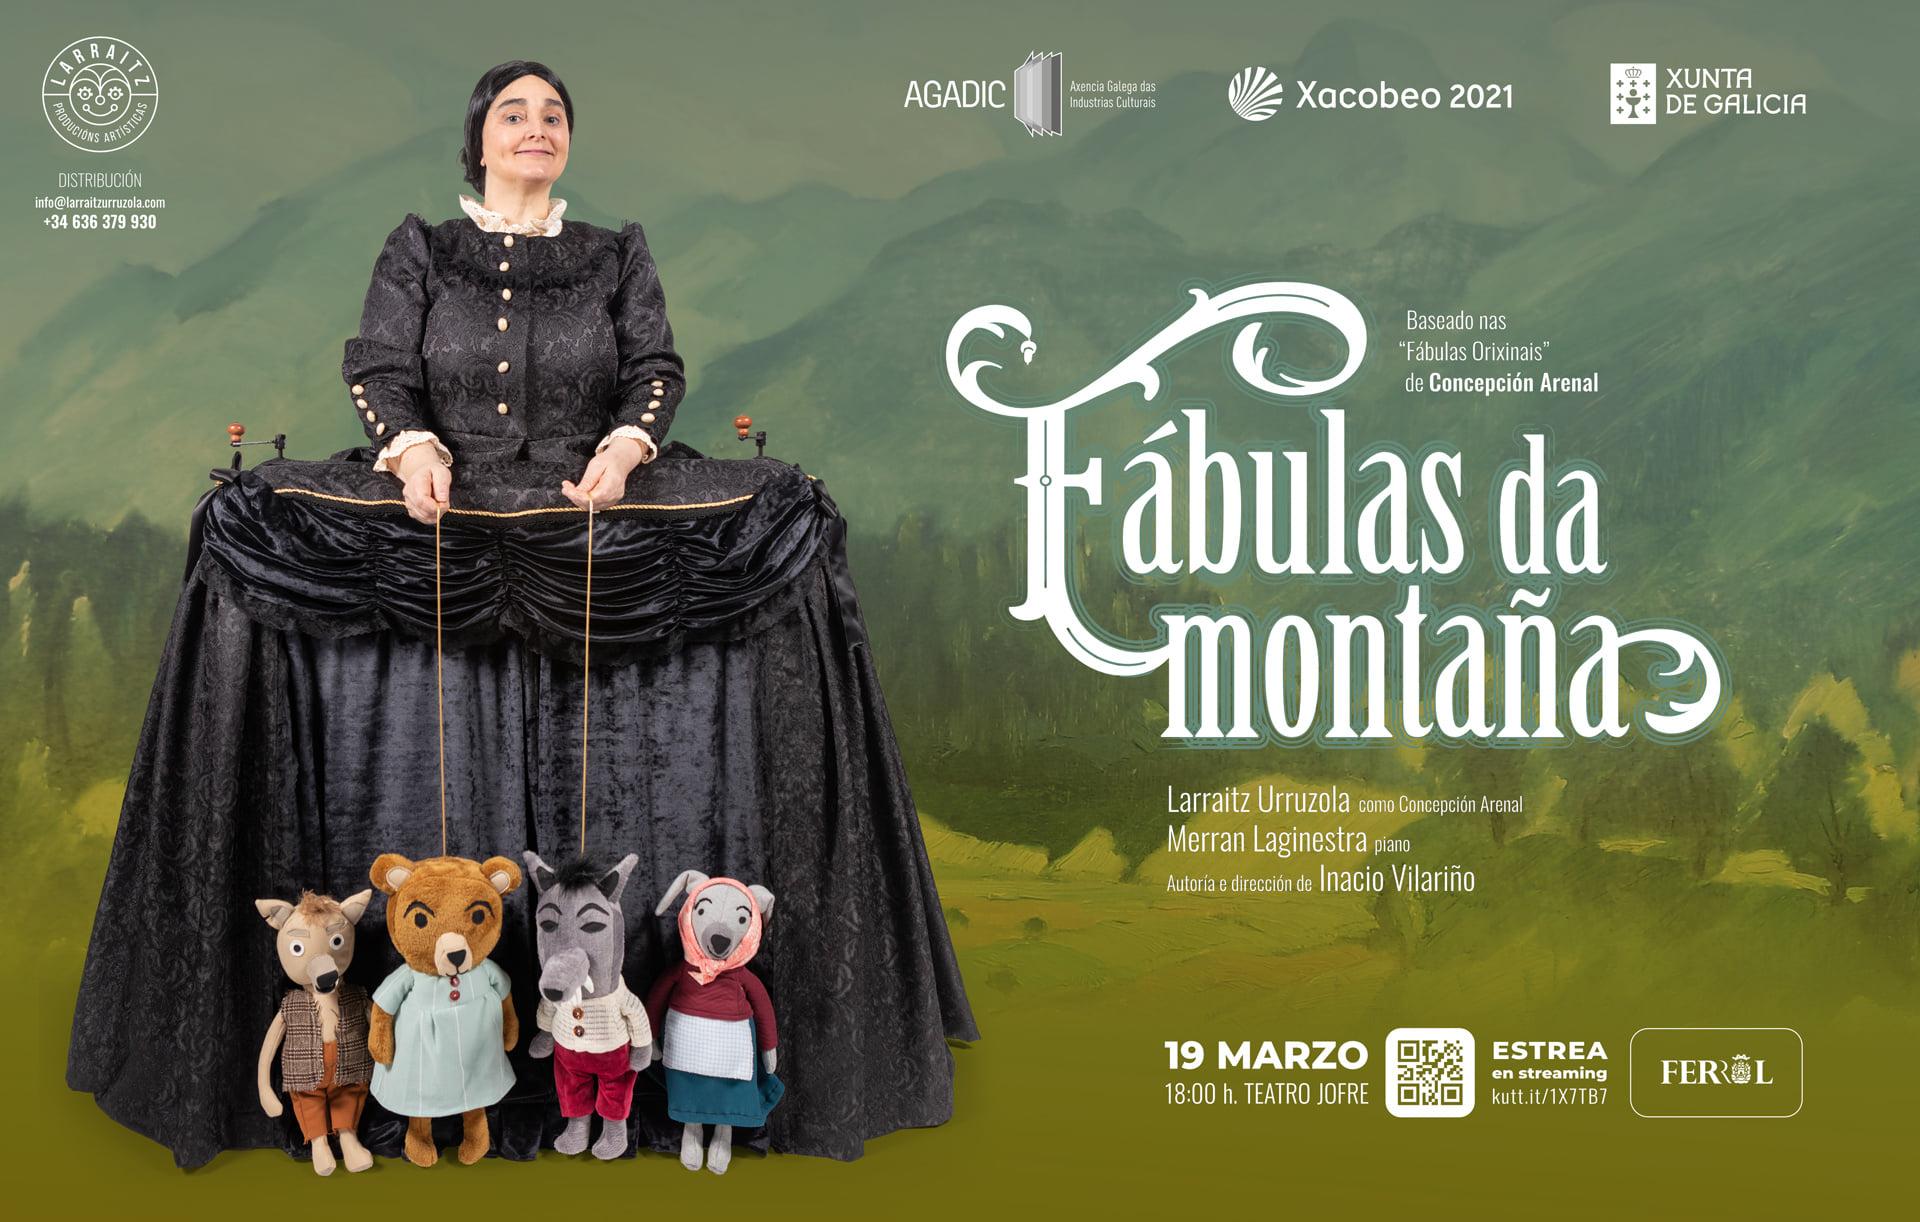 O Teatro Jofre acolle este 19 de marzo a estrea ao vivo e en liña da montaxe